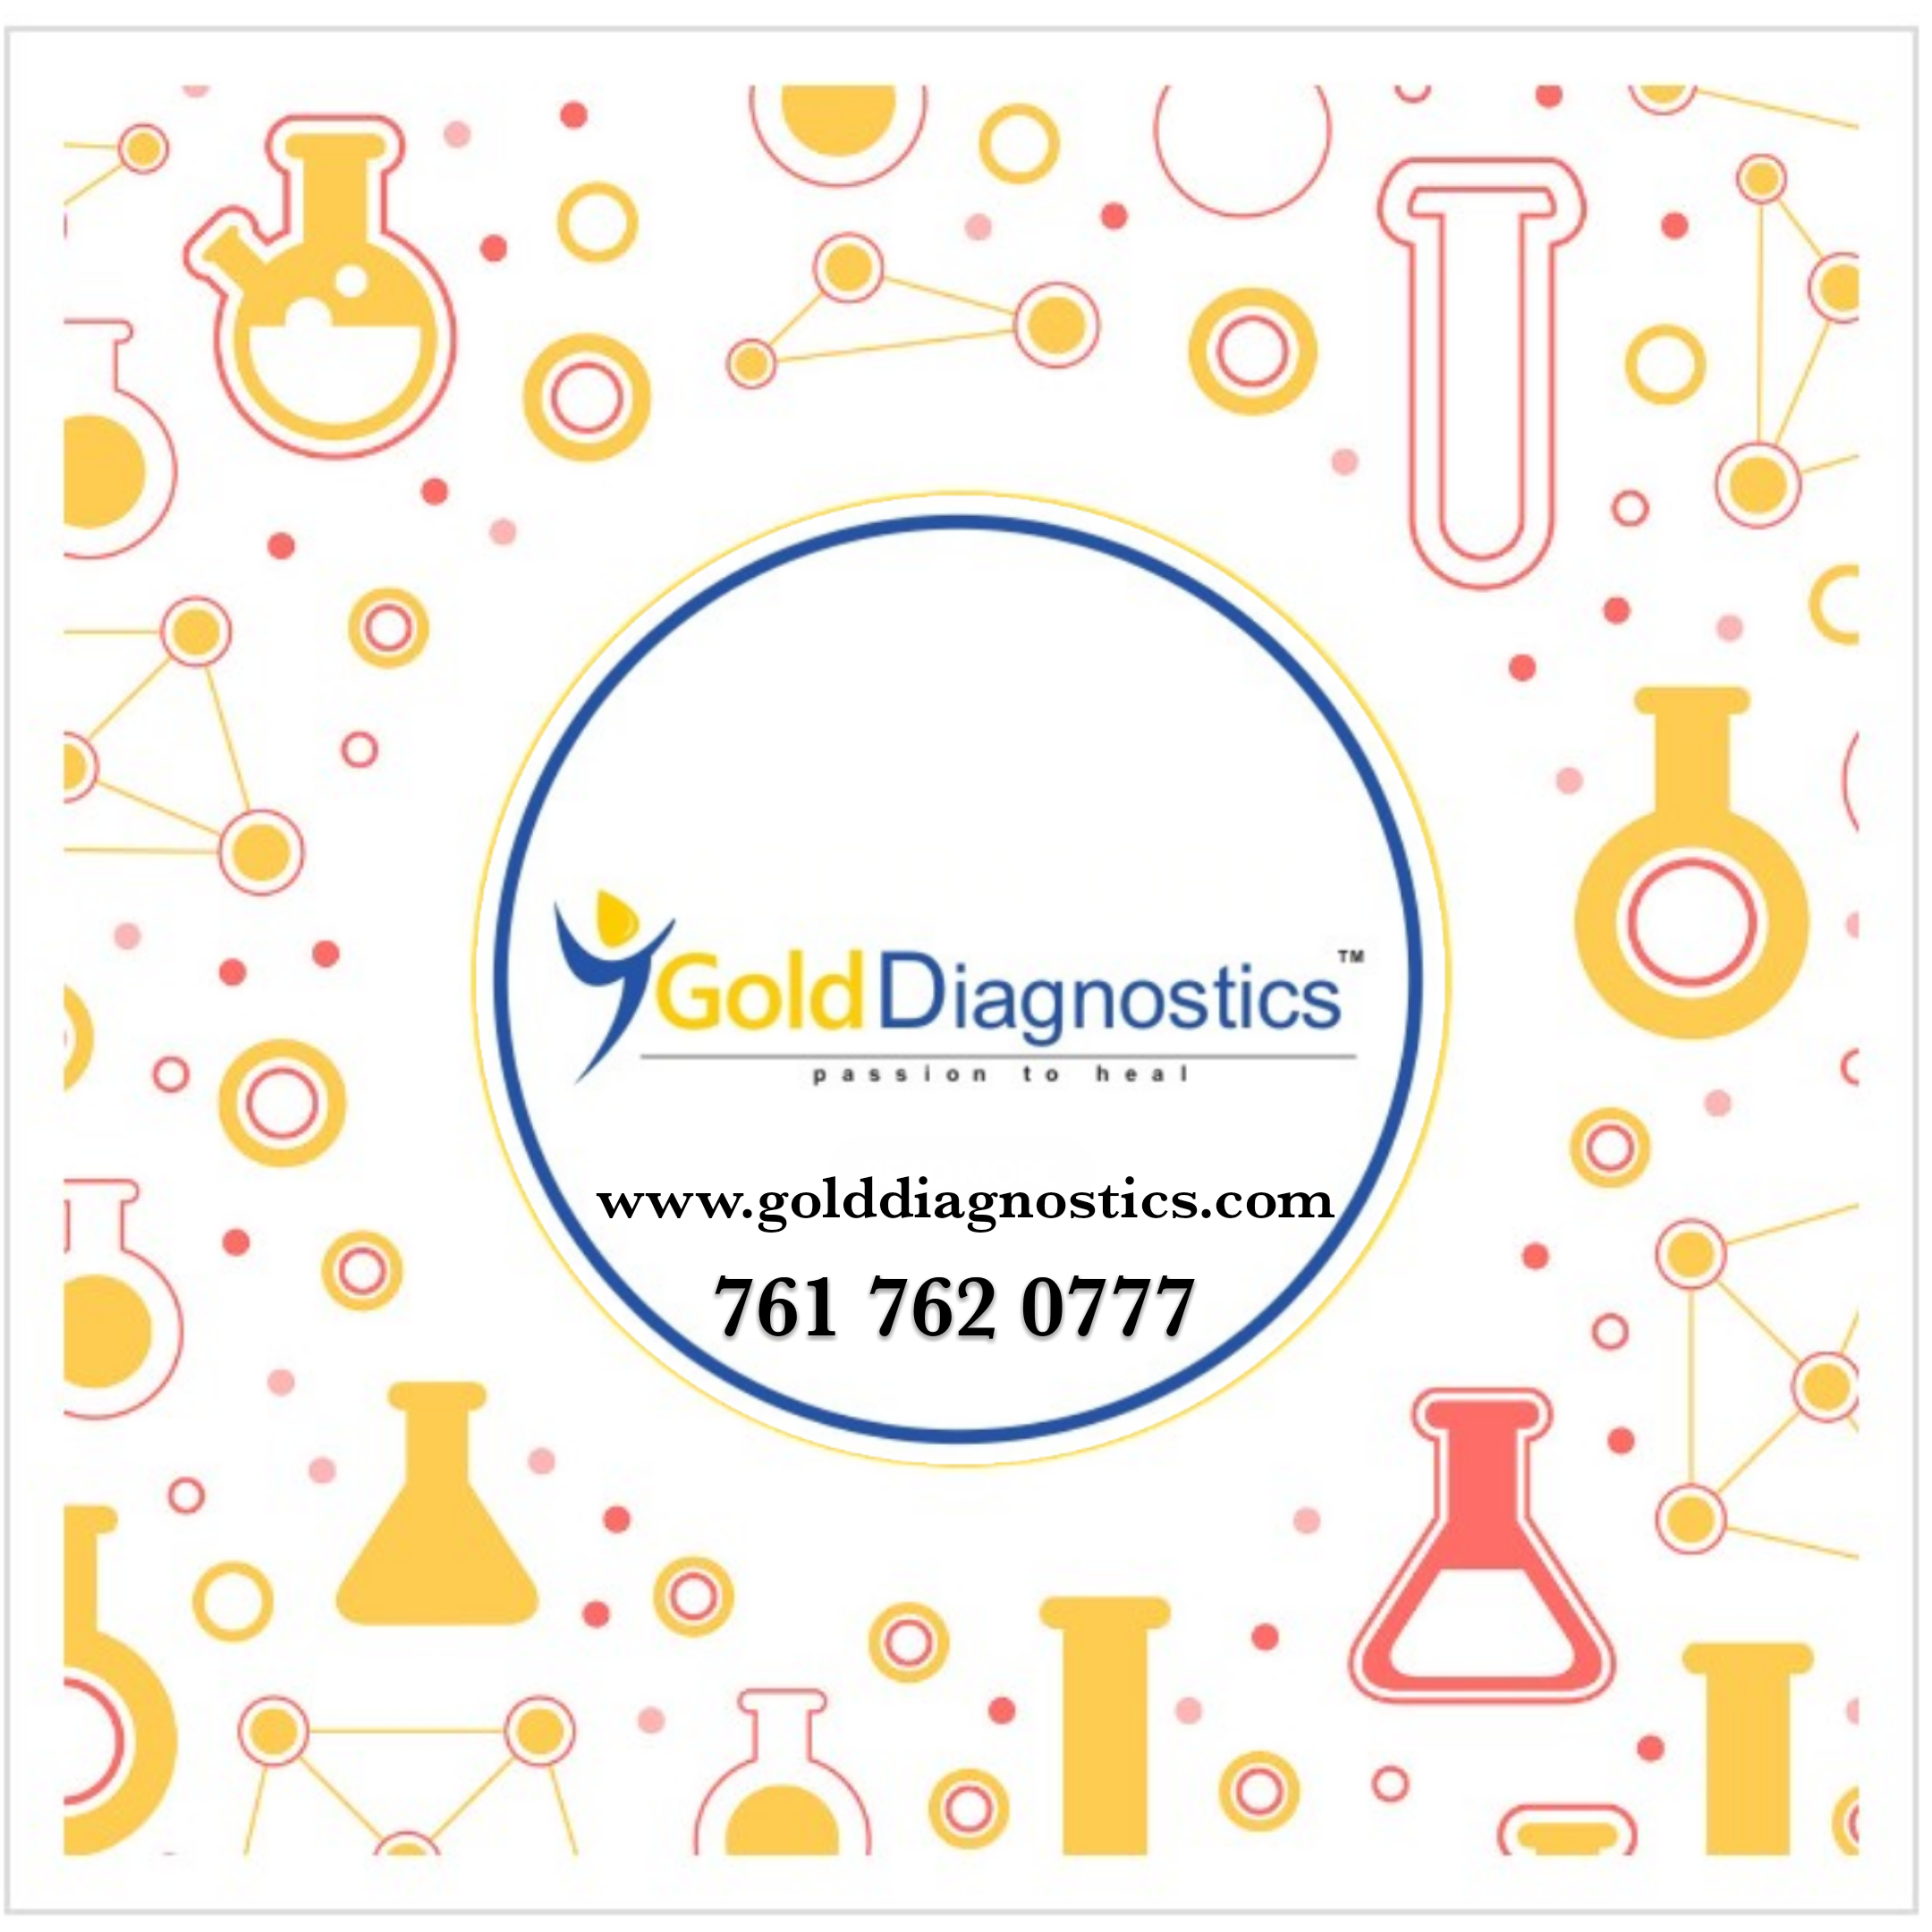 Gold Diagnostics